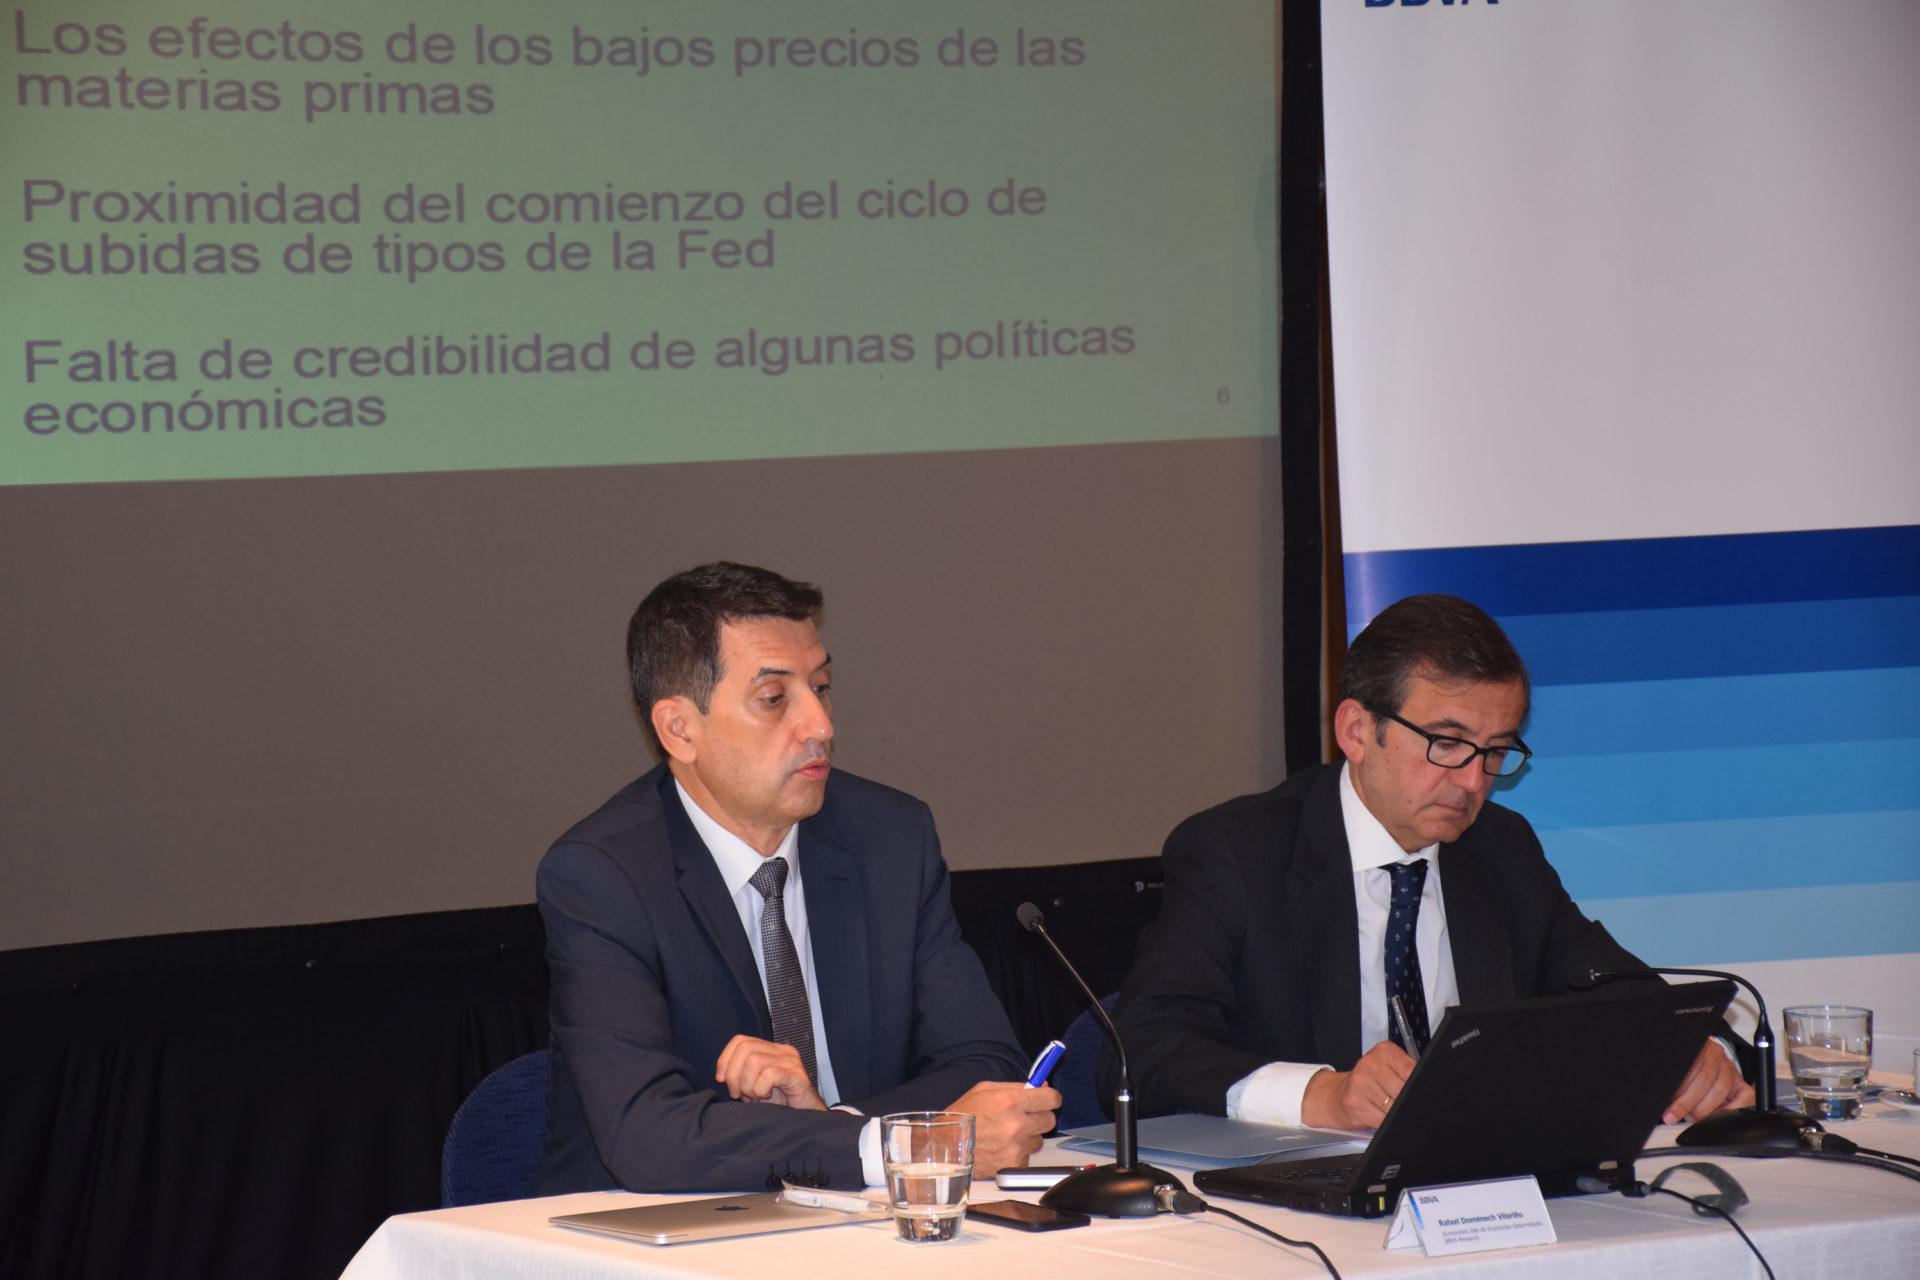 Fotografía de Rafael Domenech durante la presentación del informe